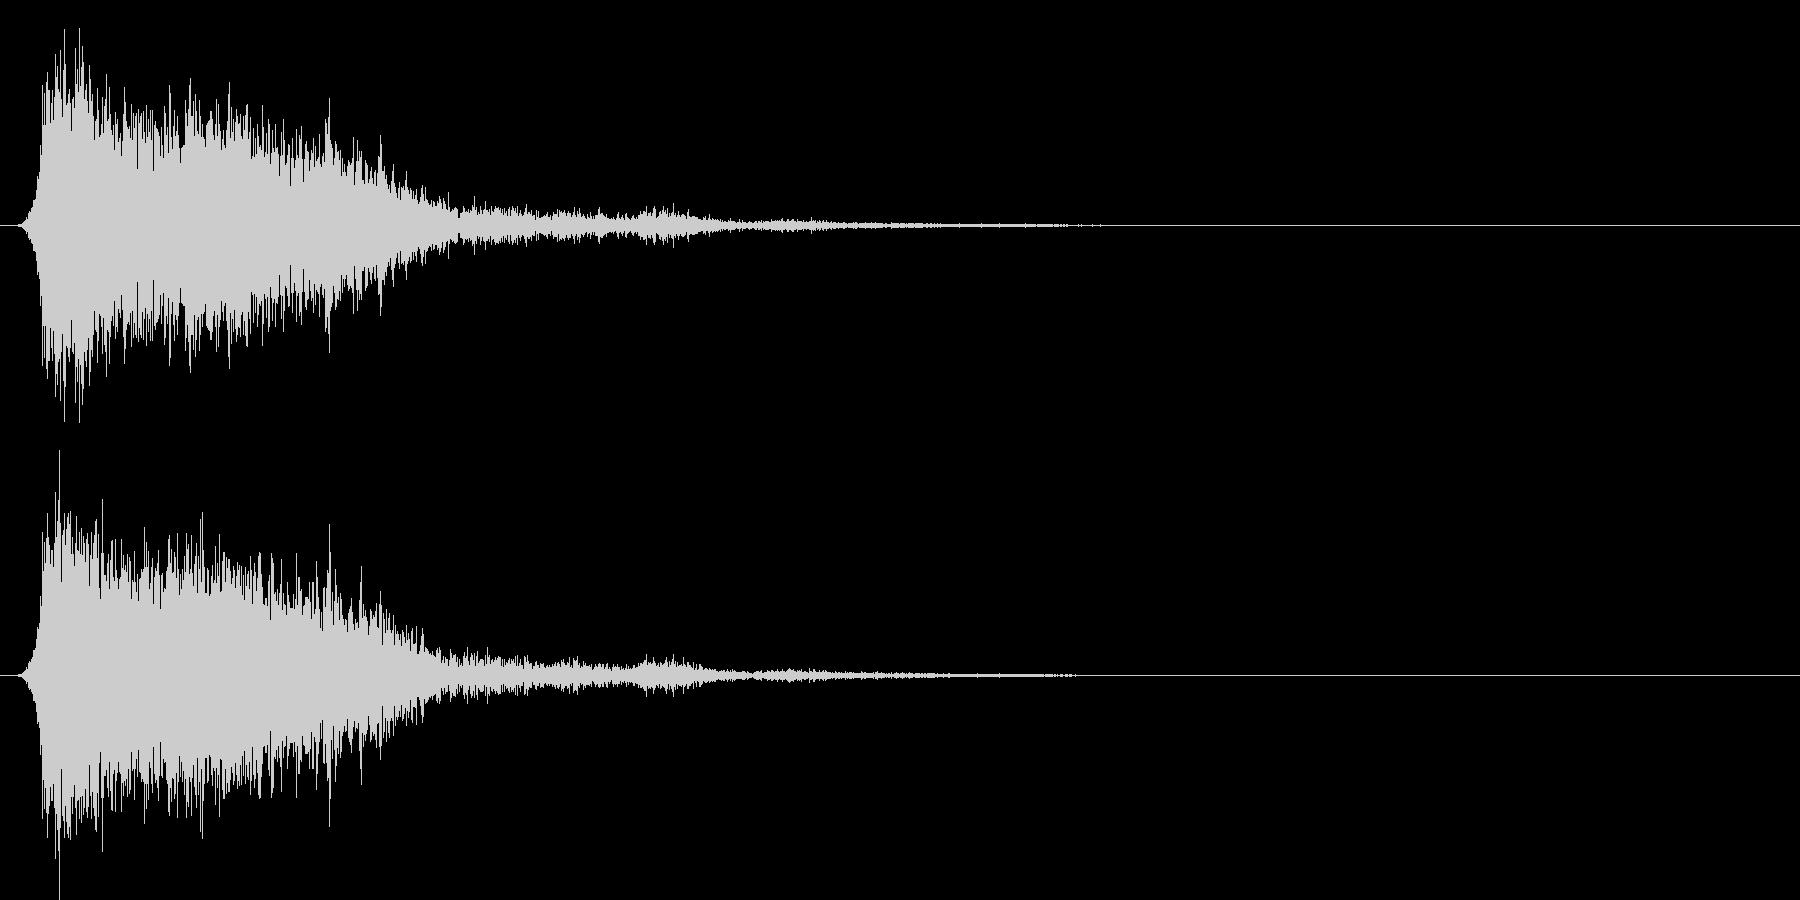 コミカルなダッシュ!ジャンプの効果音4cの未再生の波形